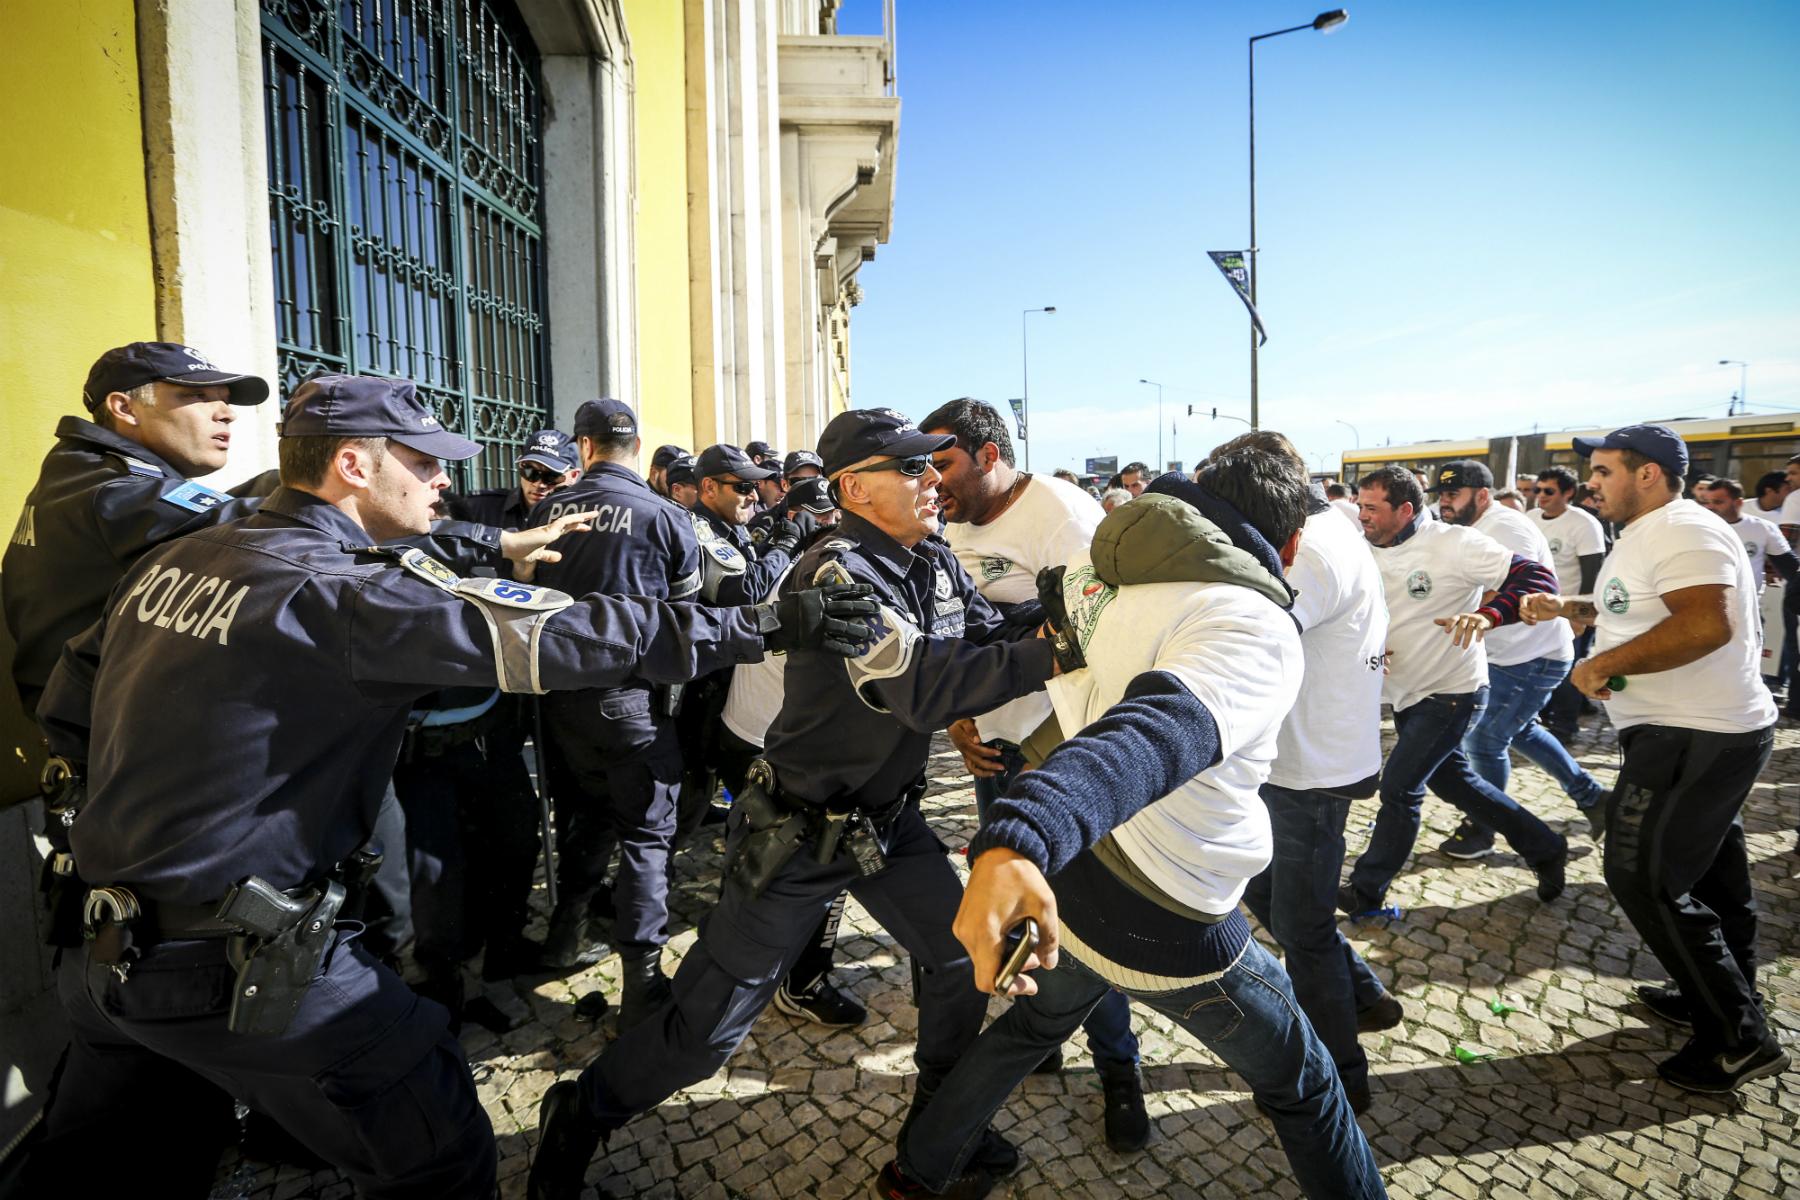 Feirantes e elementos da polícia confrontam-se durante a manifestação organizada pela Associação Portuguesa de Empresas de Diversão (APED) em frente ao Ministério das Finanças